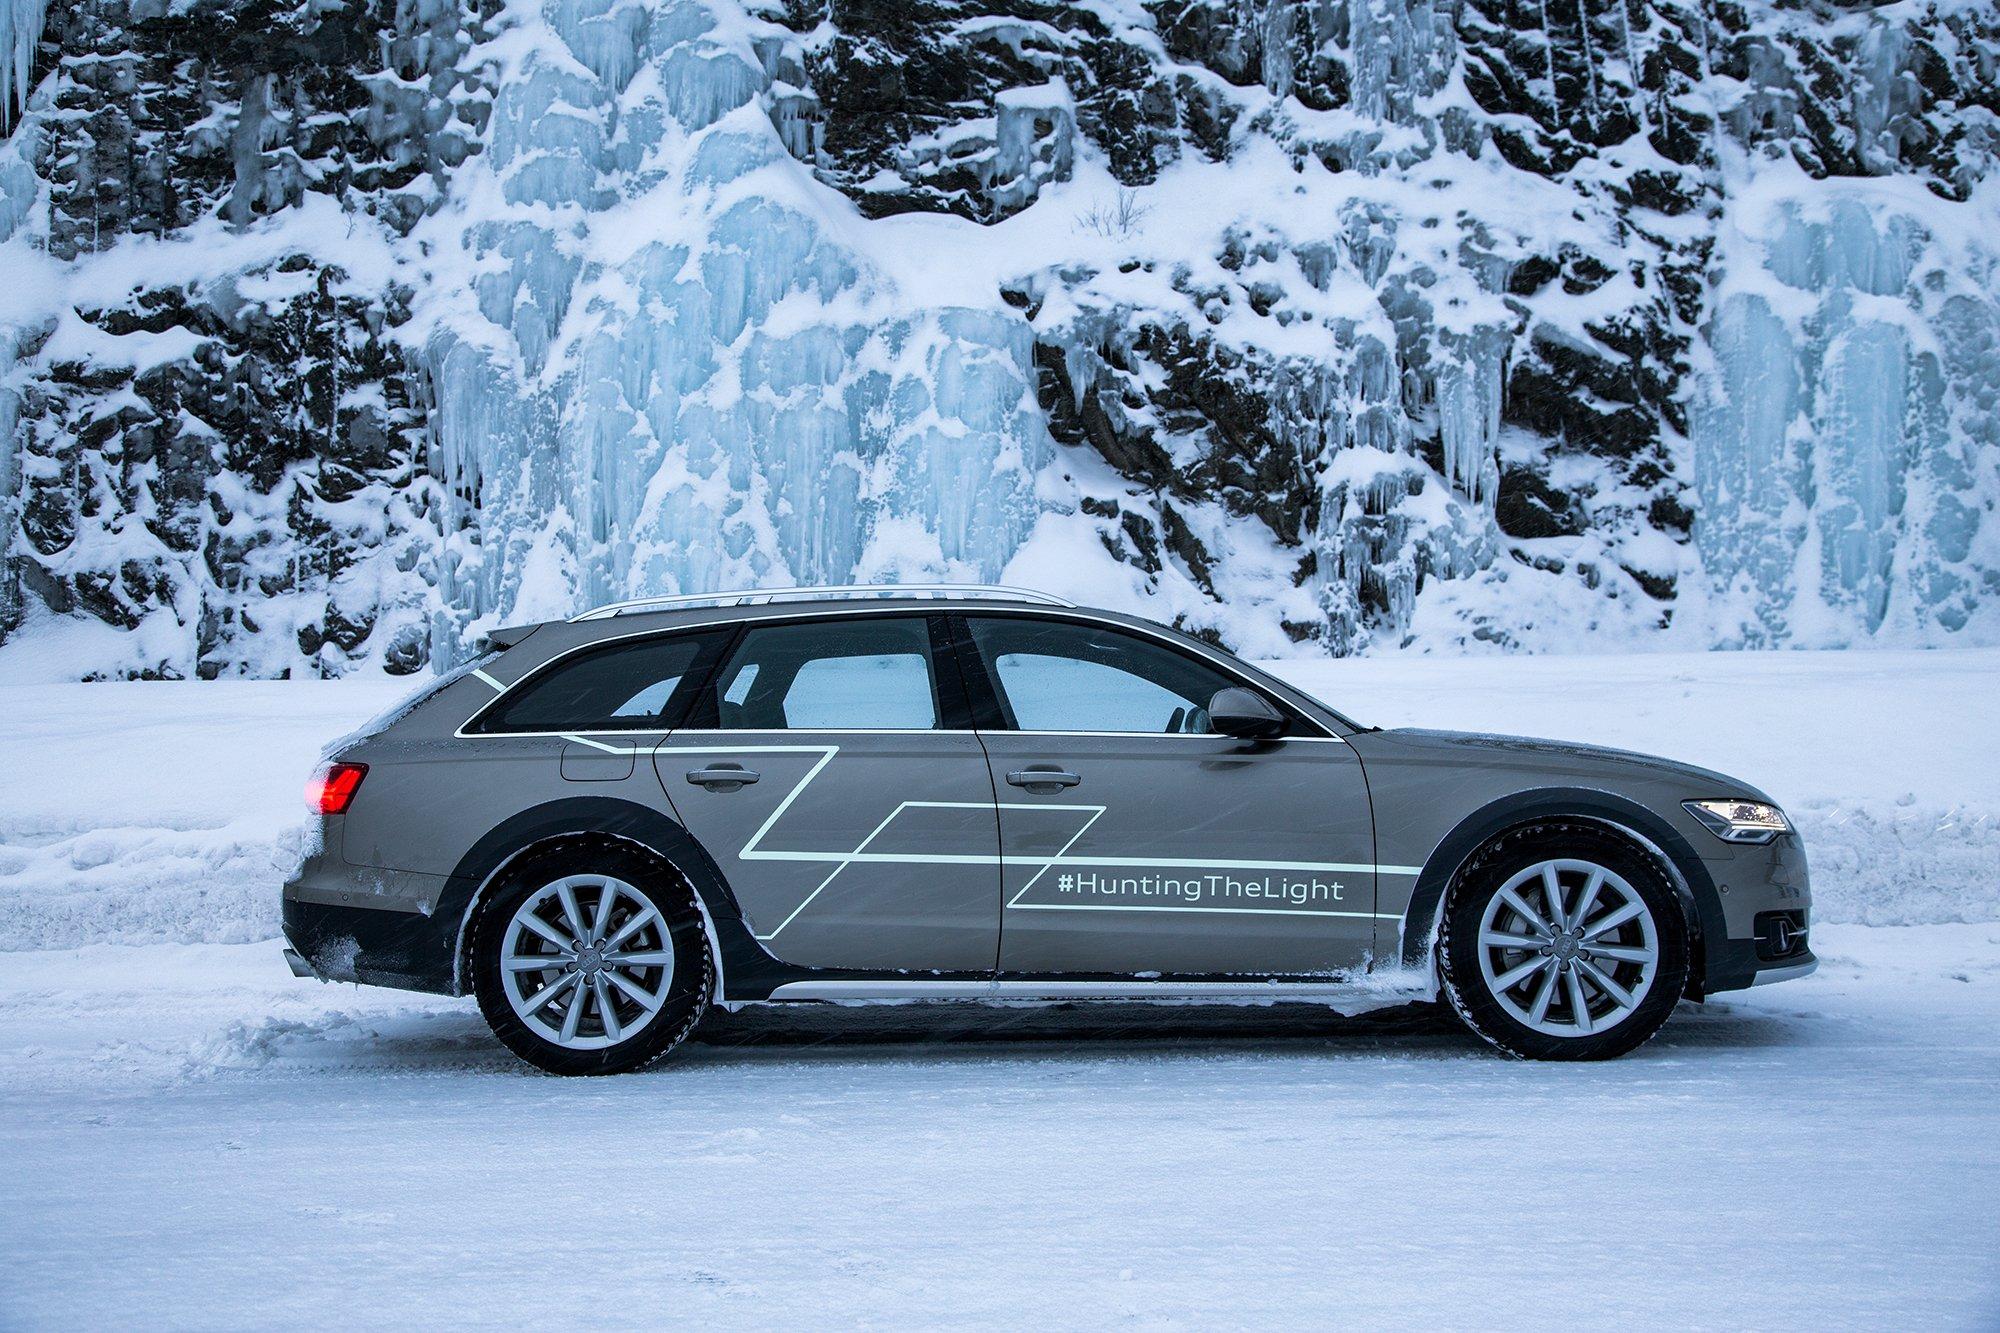 Auto Winter